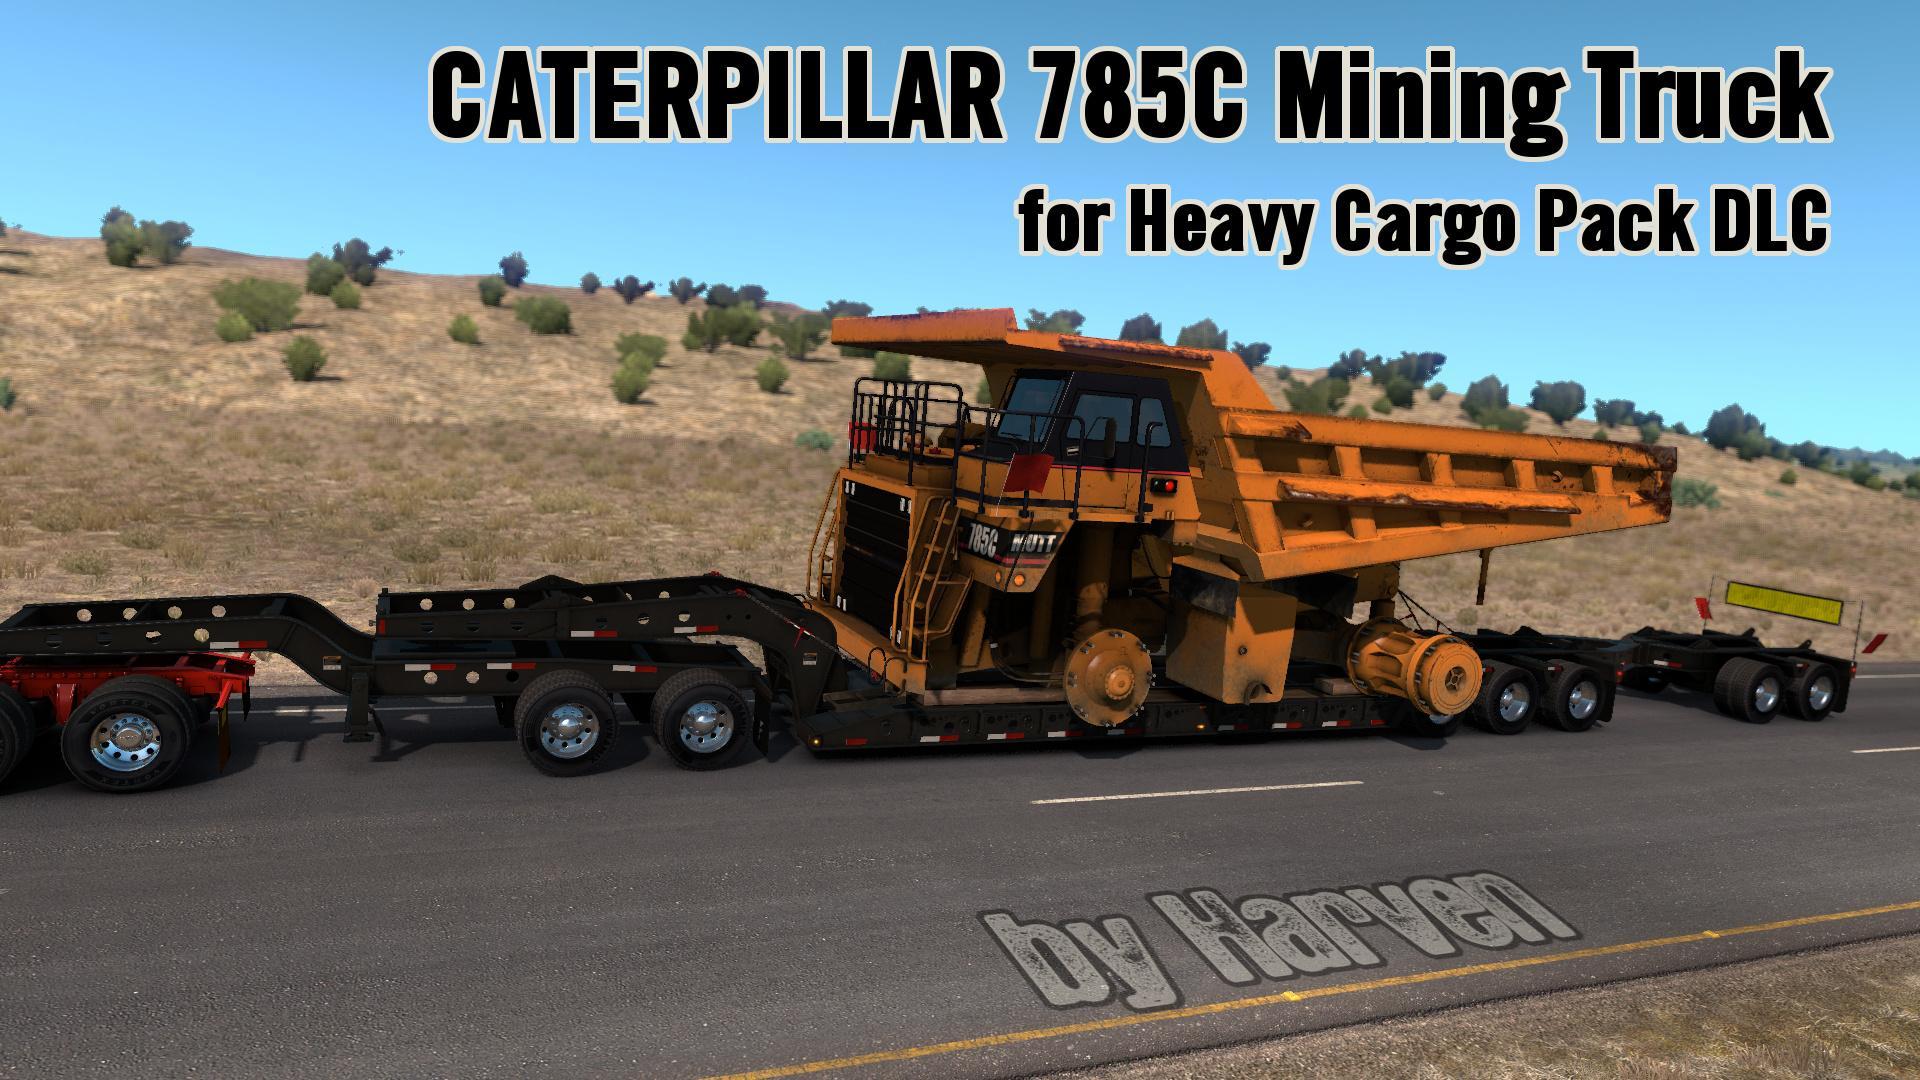 Caterpillar 785C Mining Truck for Heavy Cargo Pack DLC v1 1